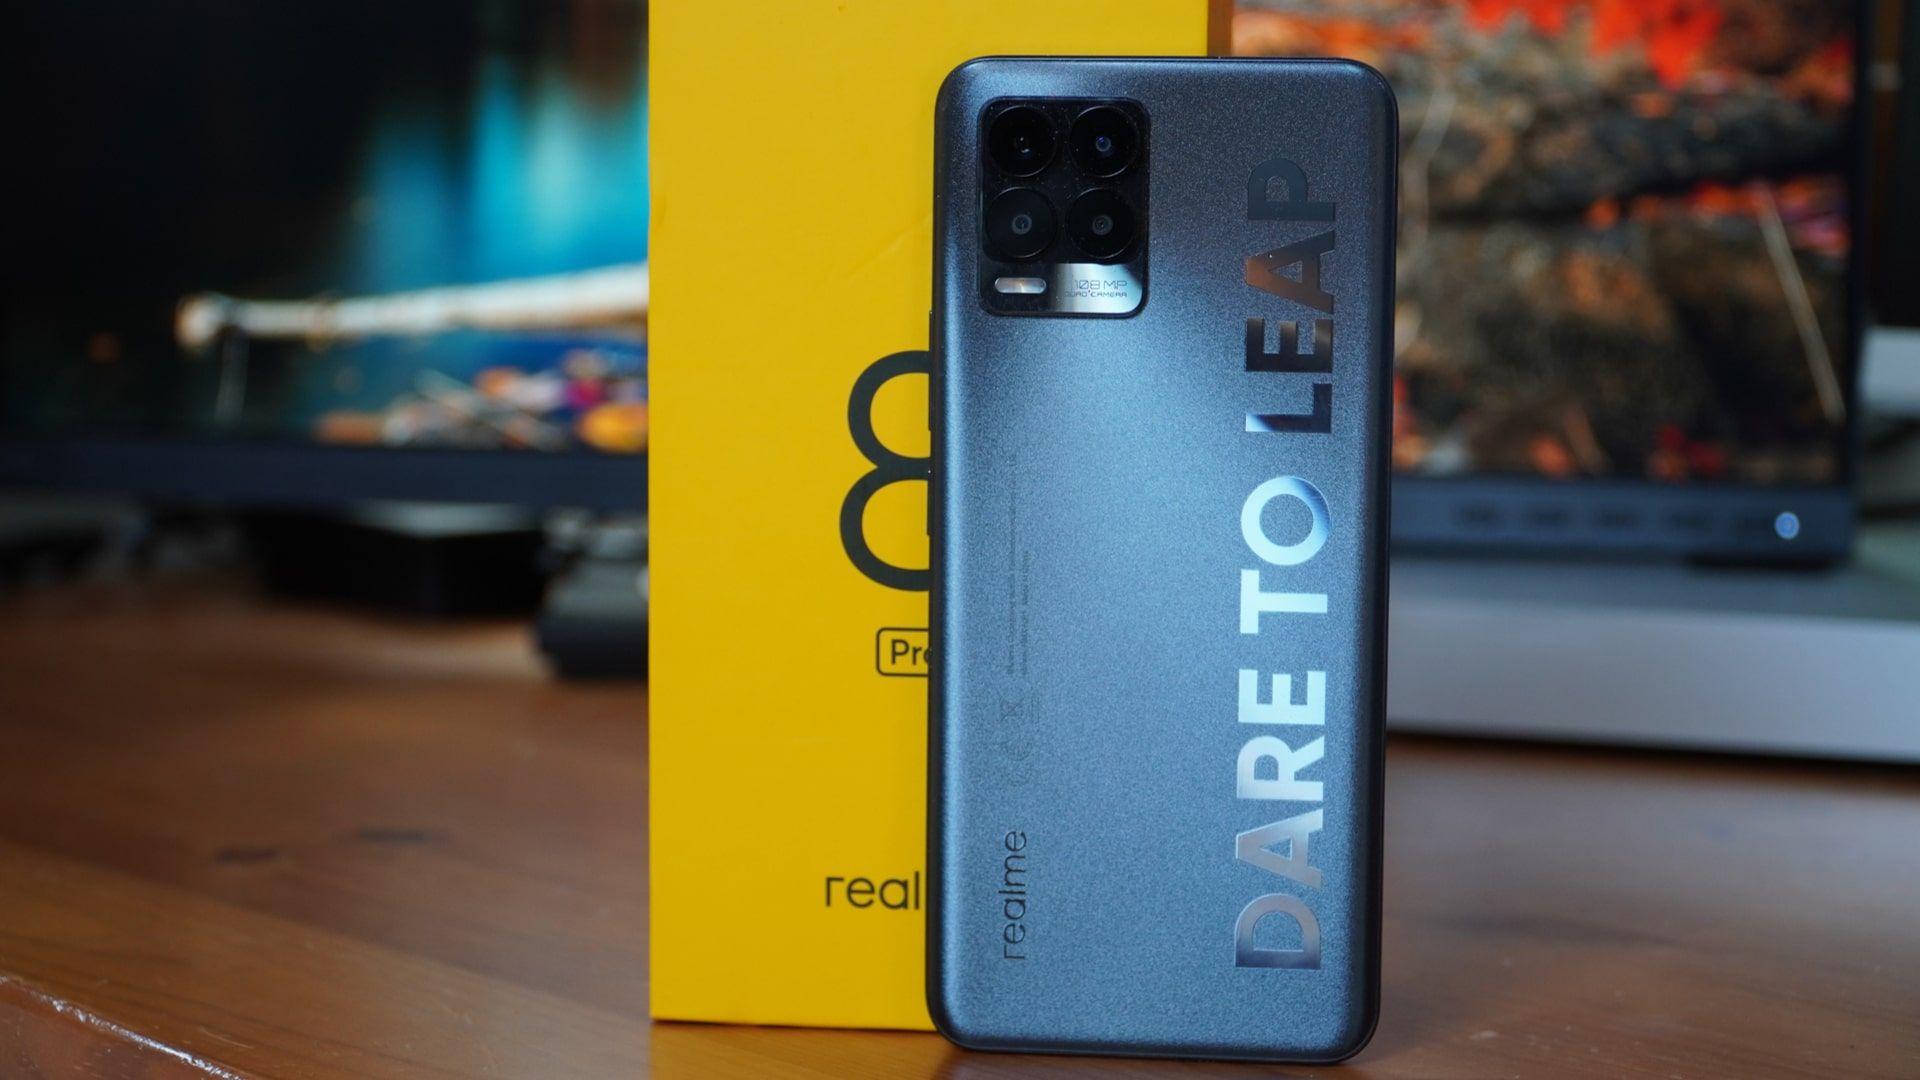 Celular Realme 8 Pro na cor cinza em pé, apoiado na caixa do smartphone